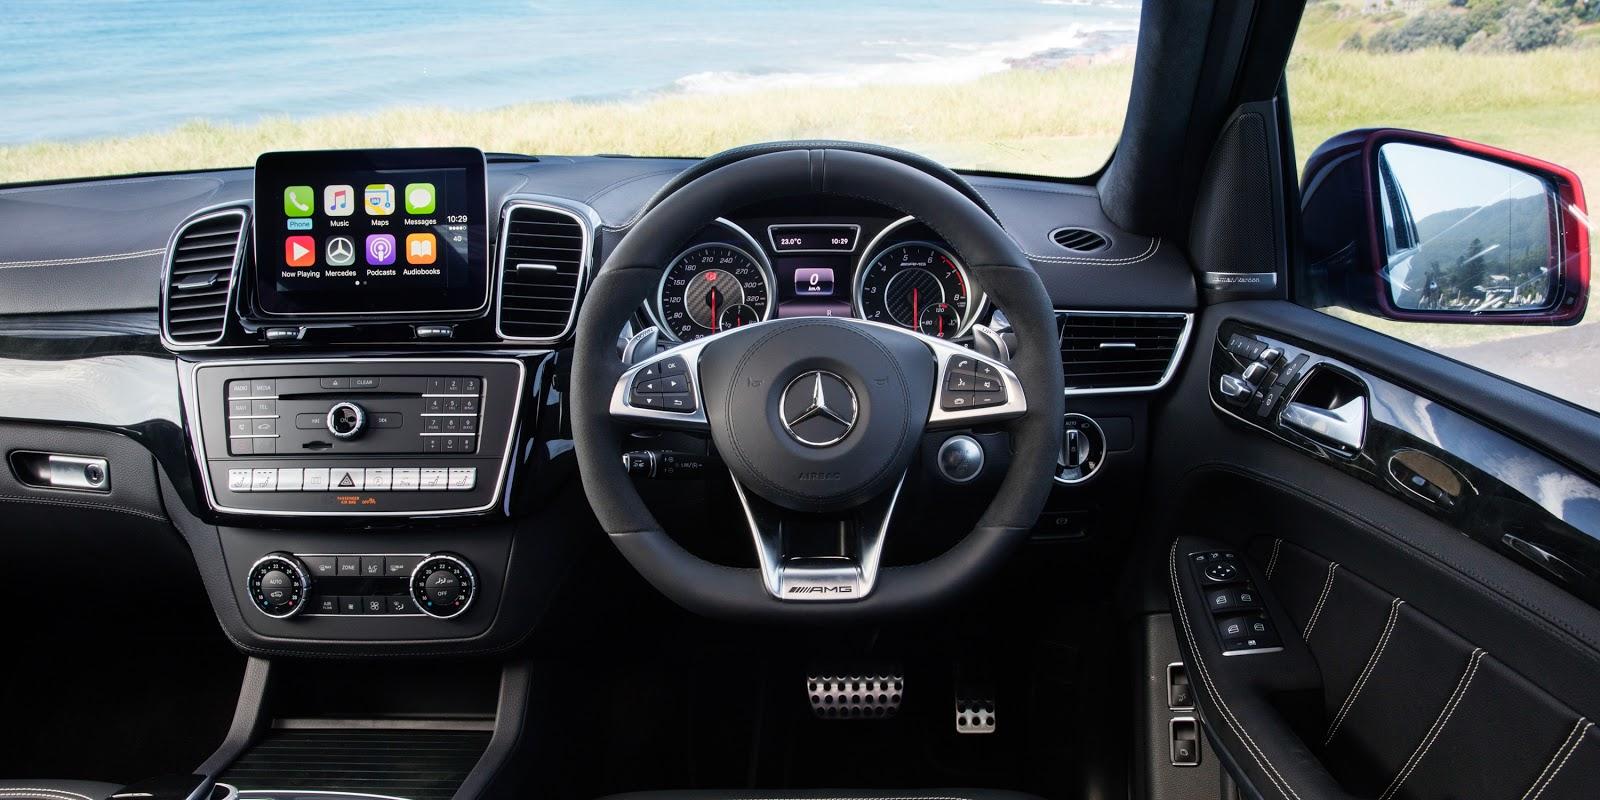 Nhiều tính năng thông minh, hiện đại được tích hợp trên xe